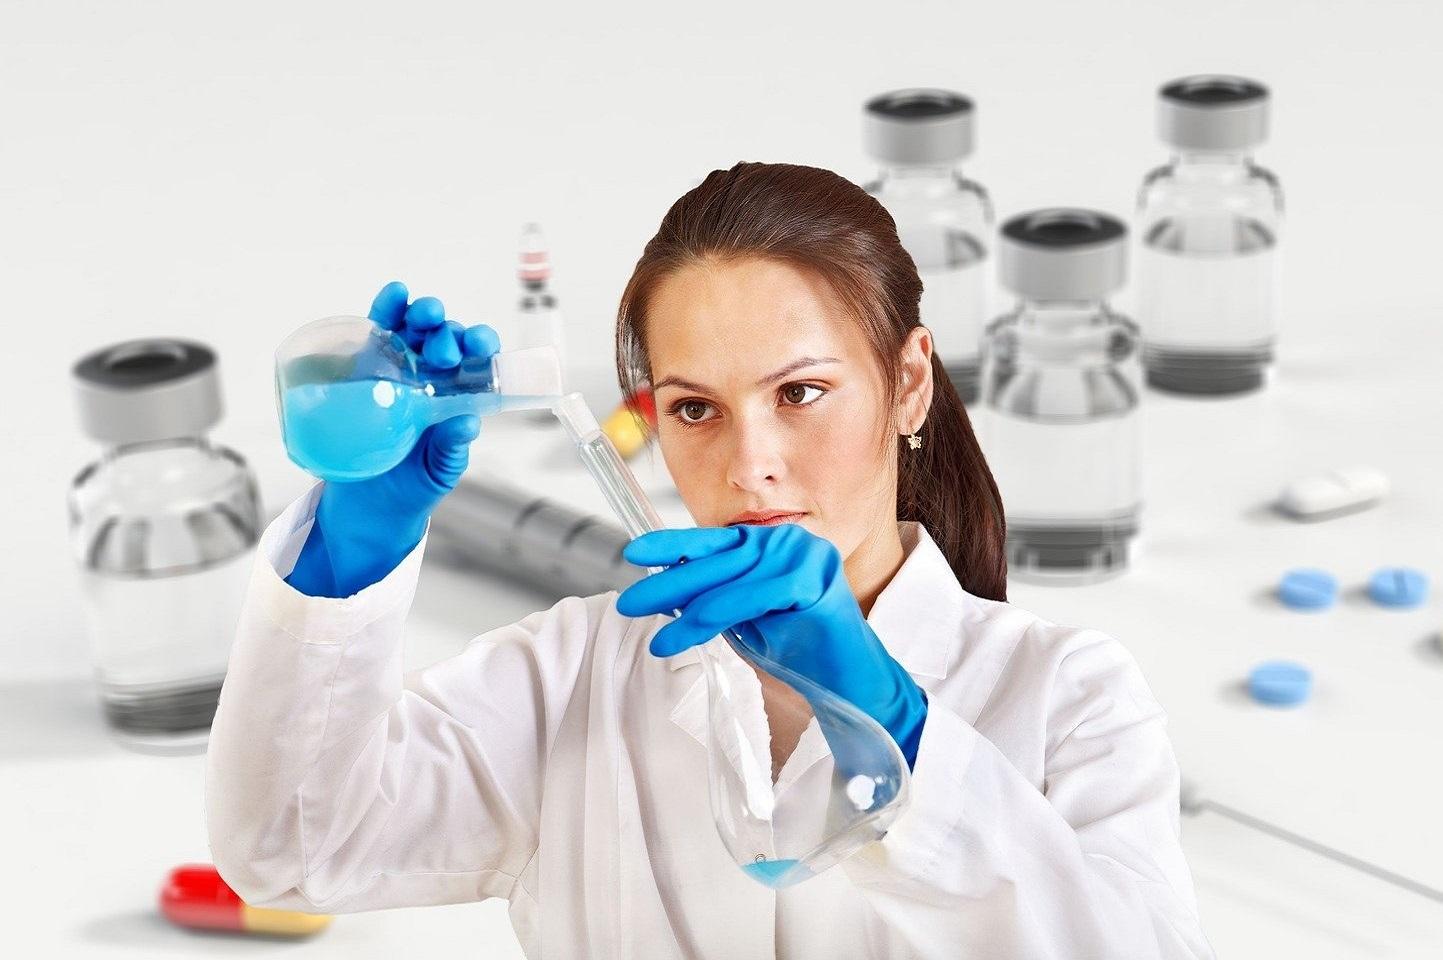 Dieu de la connaissance et de la sagesse, nous vous demandons de rester avec tous les scientifiques qui travaillent quotidiennement pour développer un vaccin efficace et sûr pour lutter contre ce virus. Image par Gerd Altman de Pixabay.